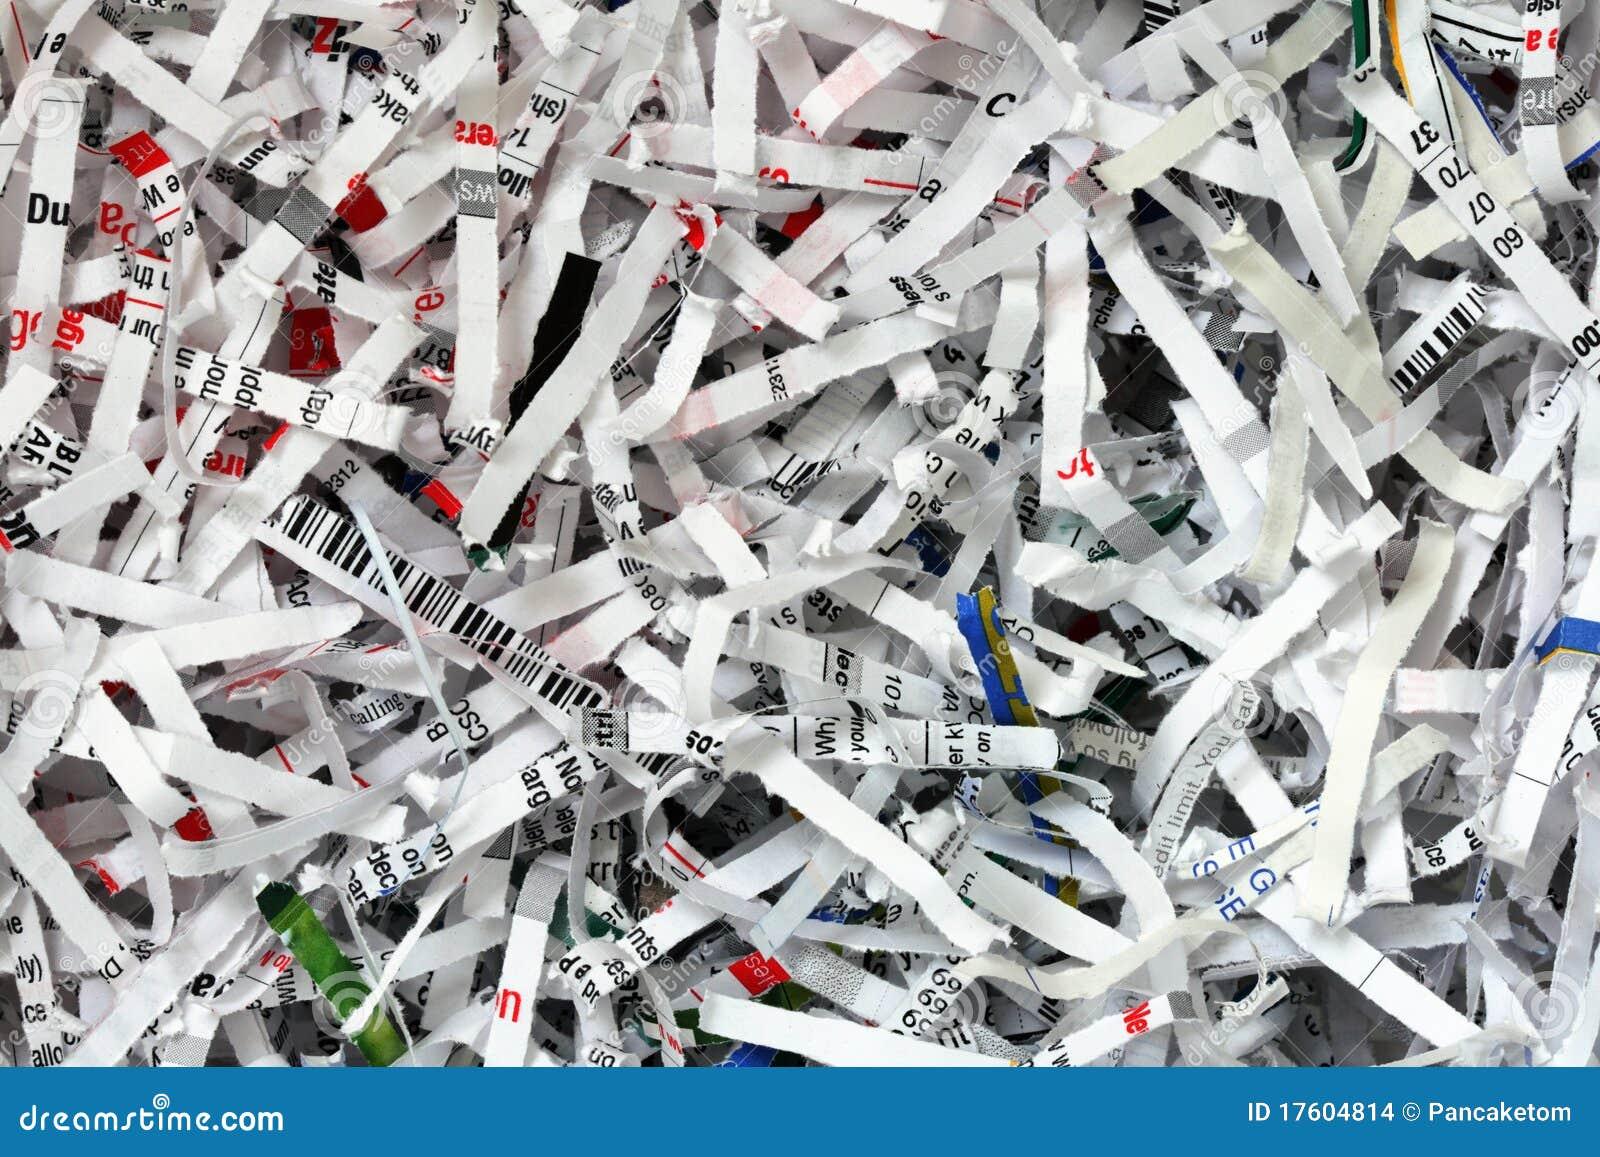 Shredded document background stock images image 17604814